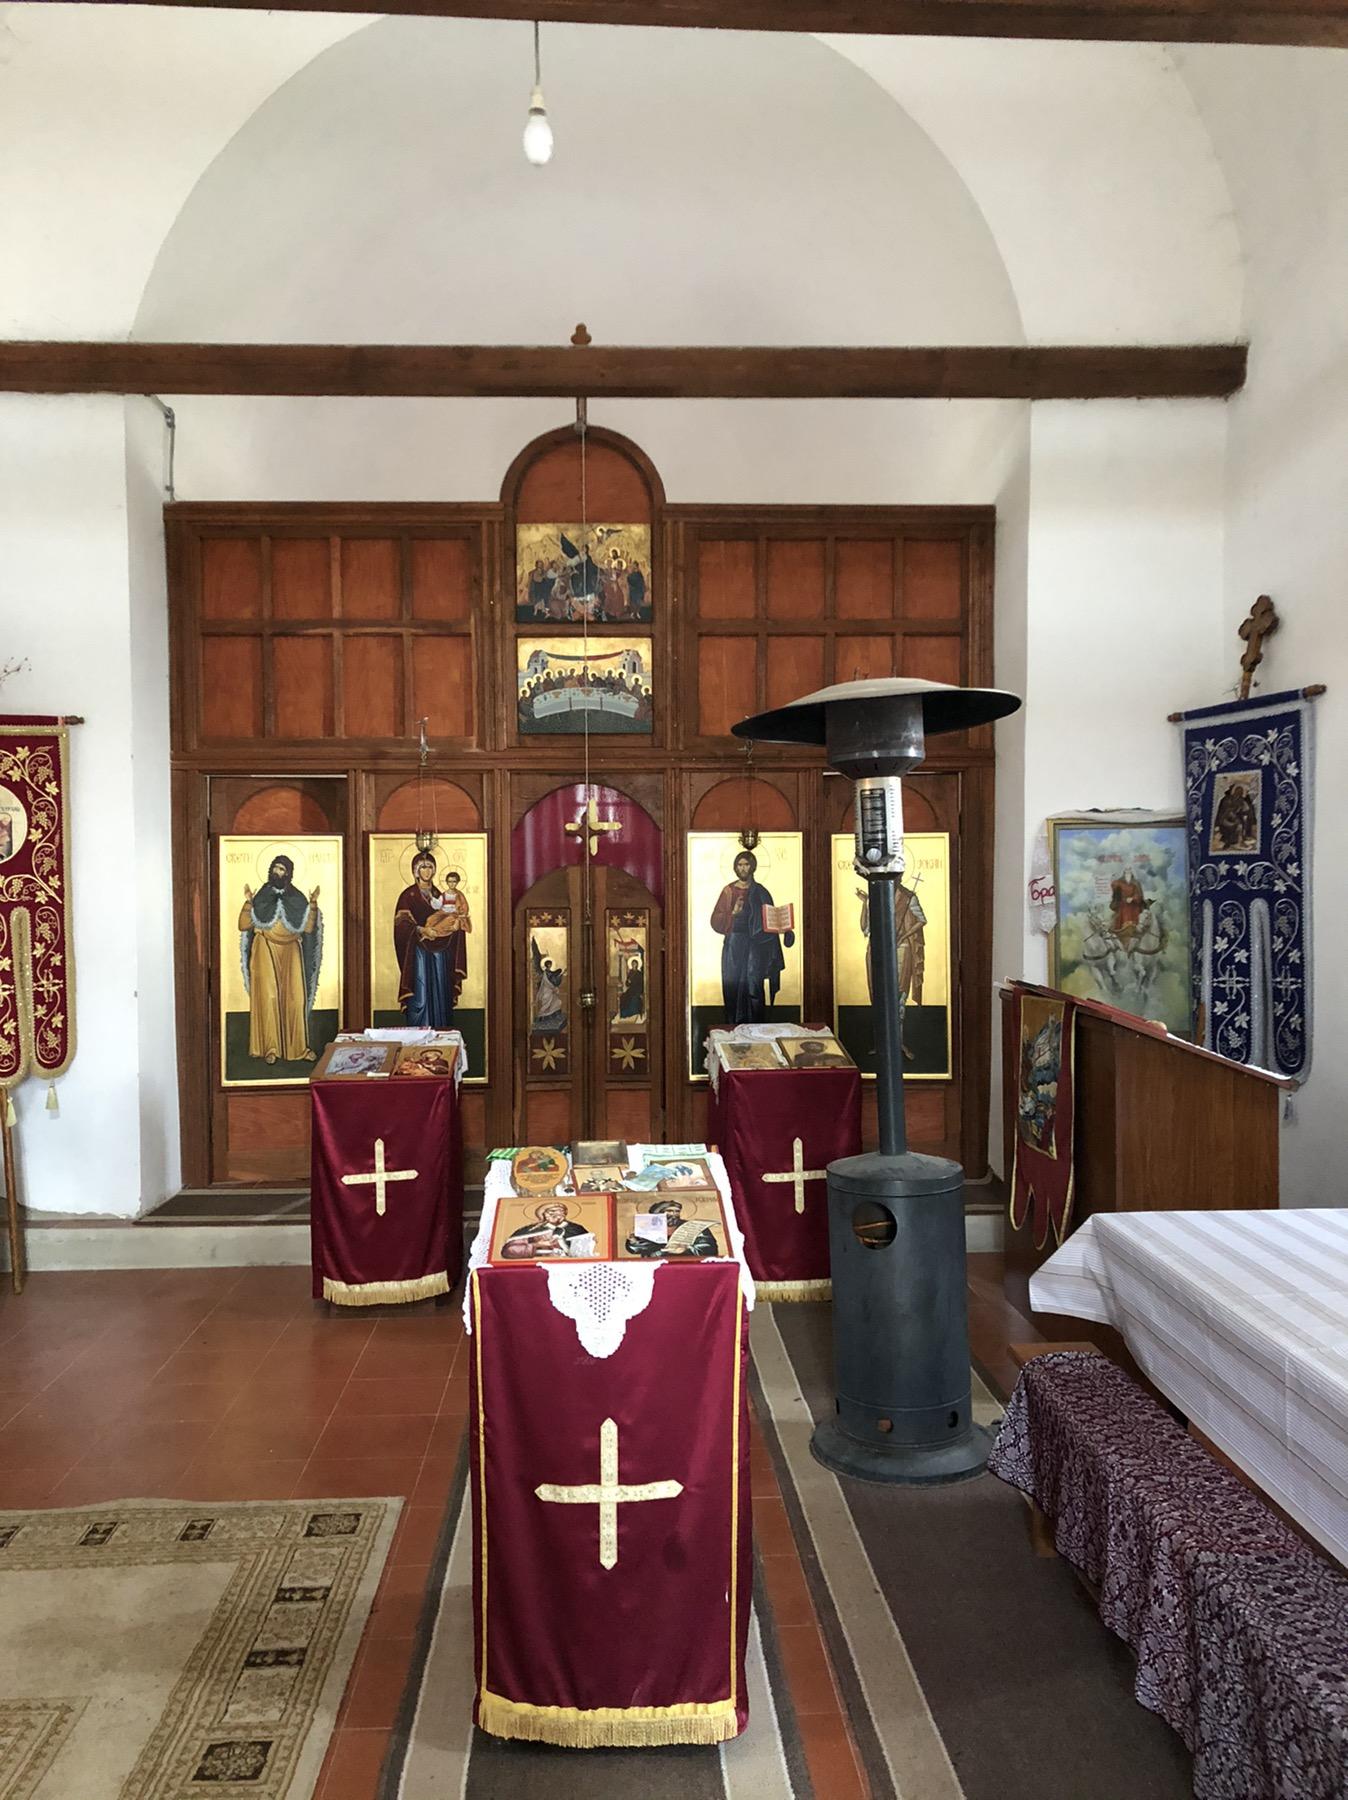 Unutrašnjost crkve Sv. Ilija, Niševac, foto: Svrljiške novine